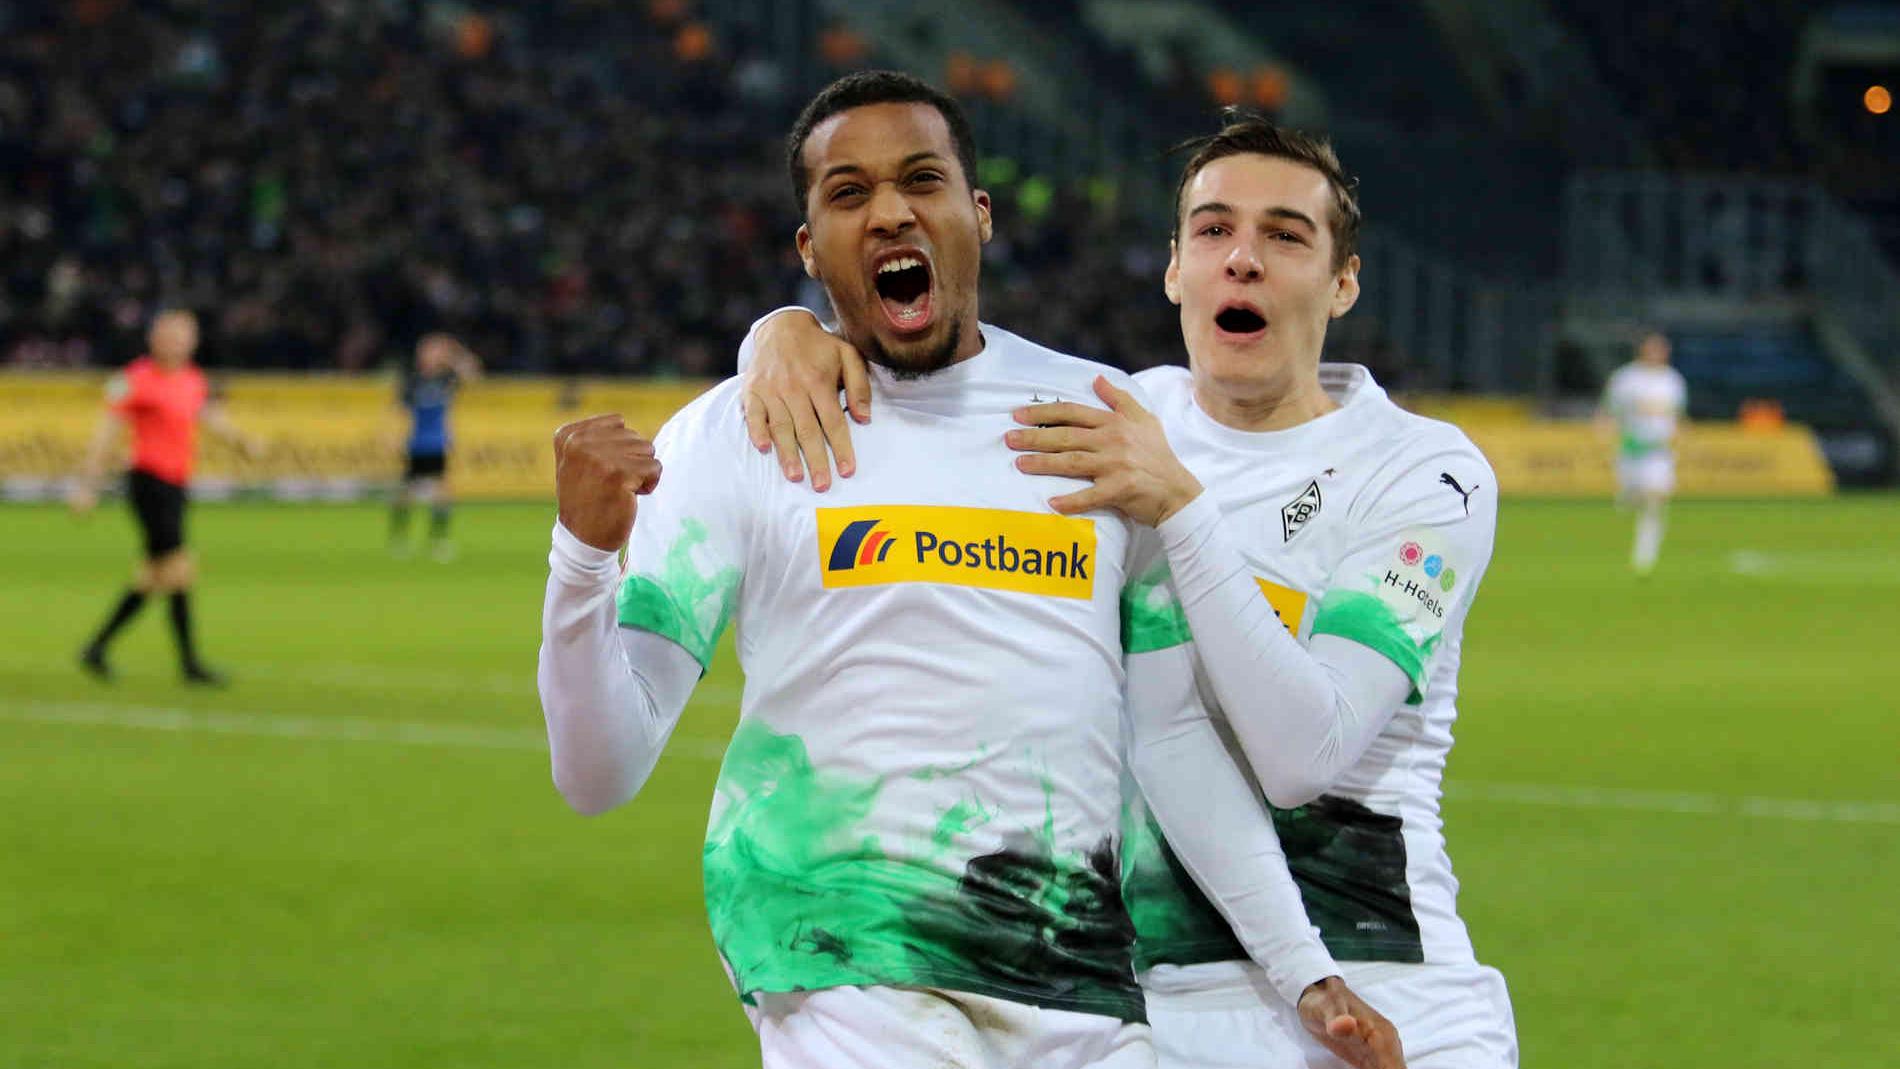 Nhan-dinh-Werder-Bremen-vs-Monchengladbach